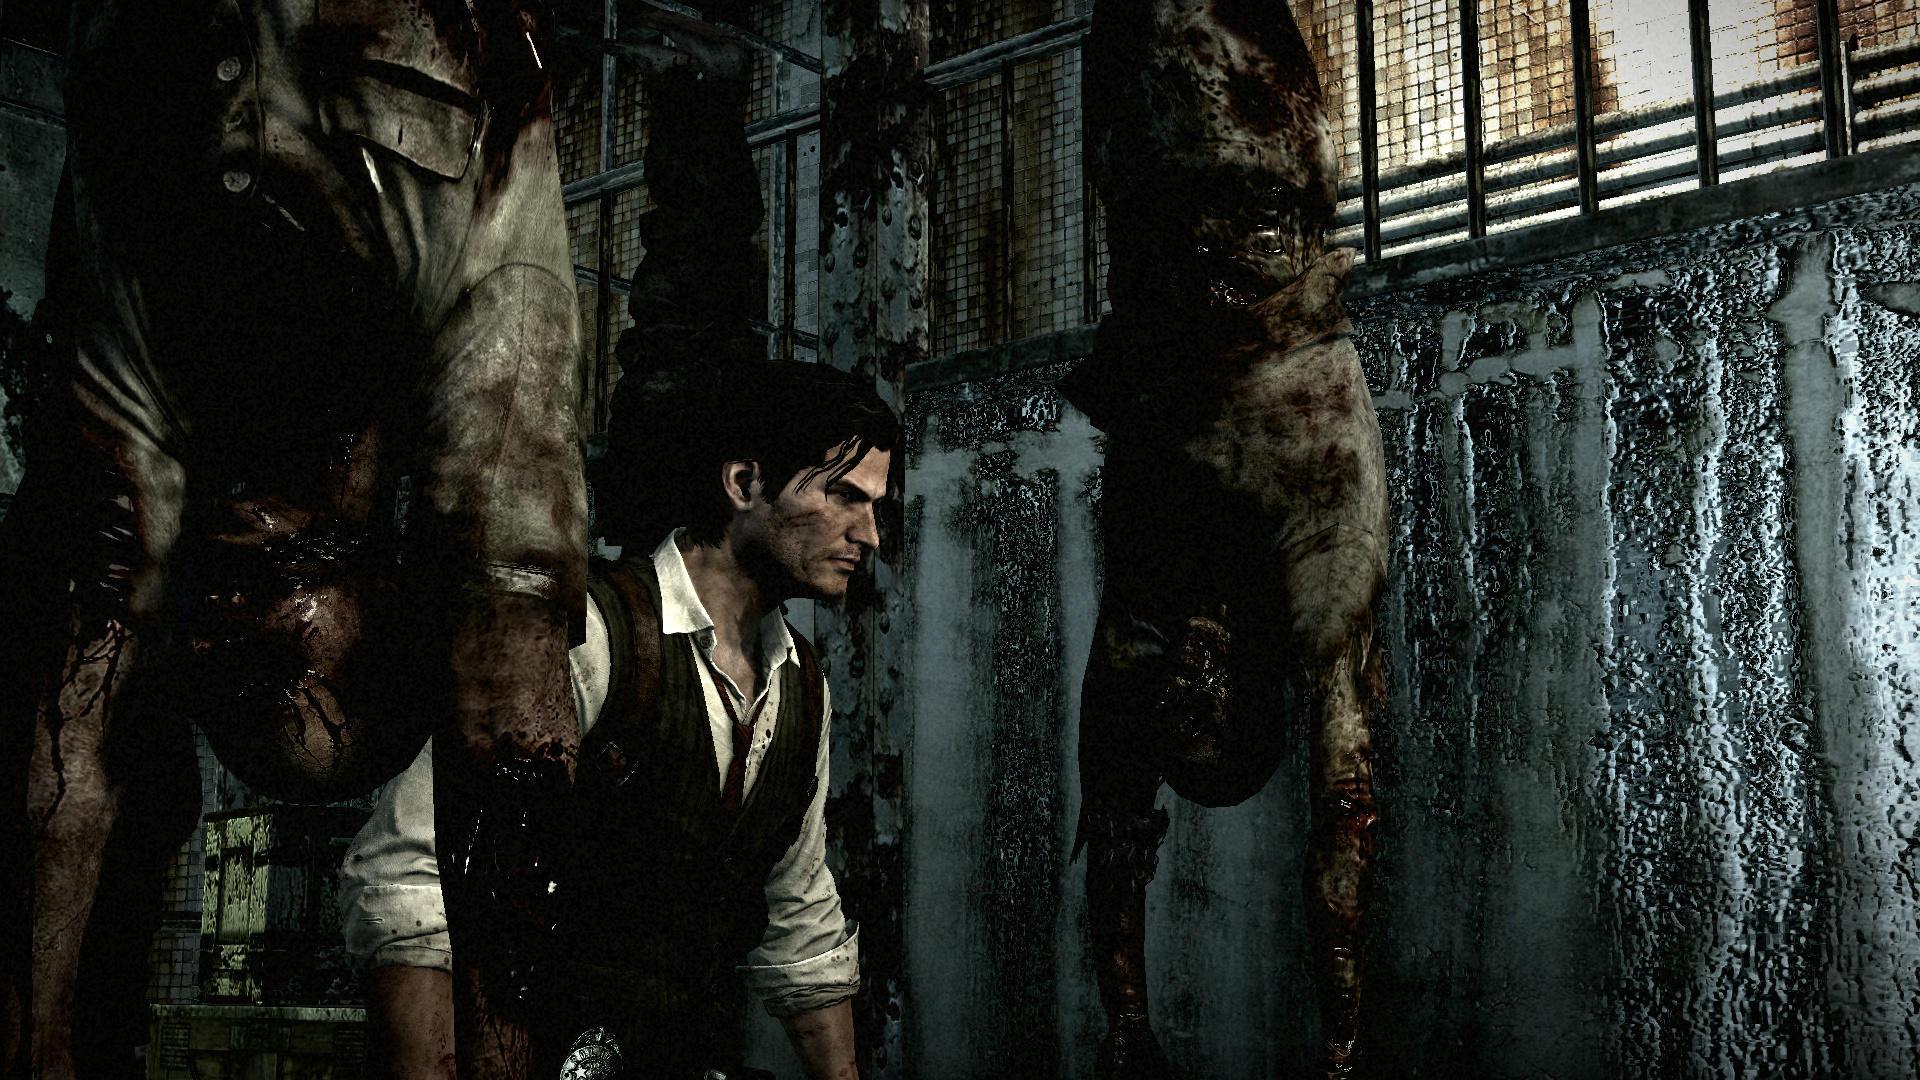 Obrazem: Nezáviděné situace detektiva v hororu The Evil Within 85425